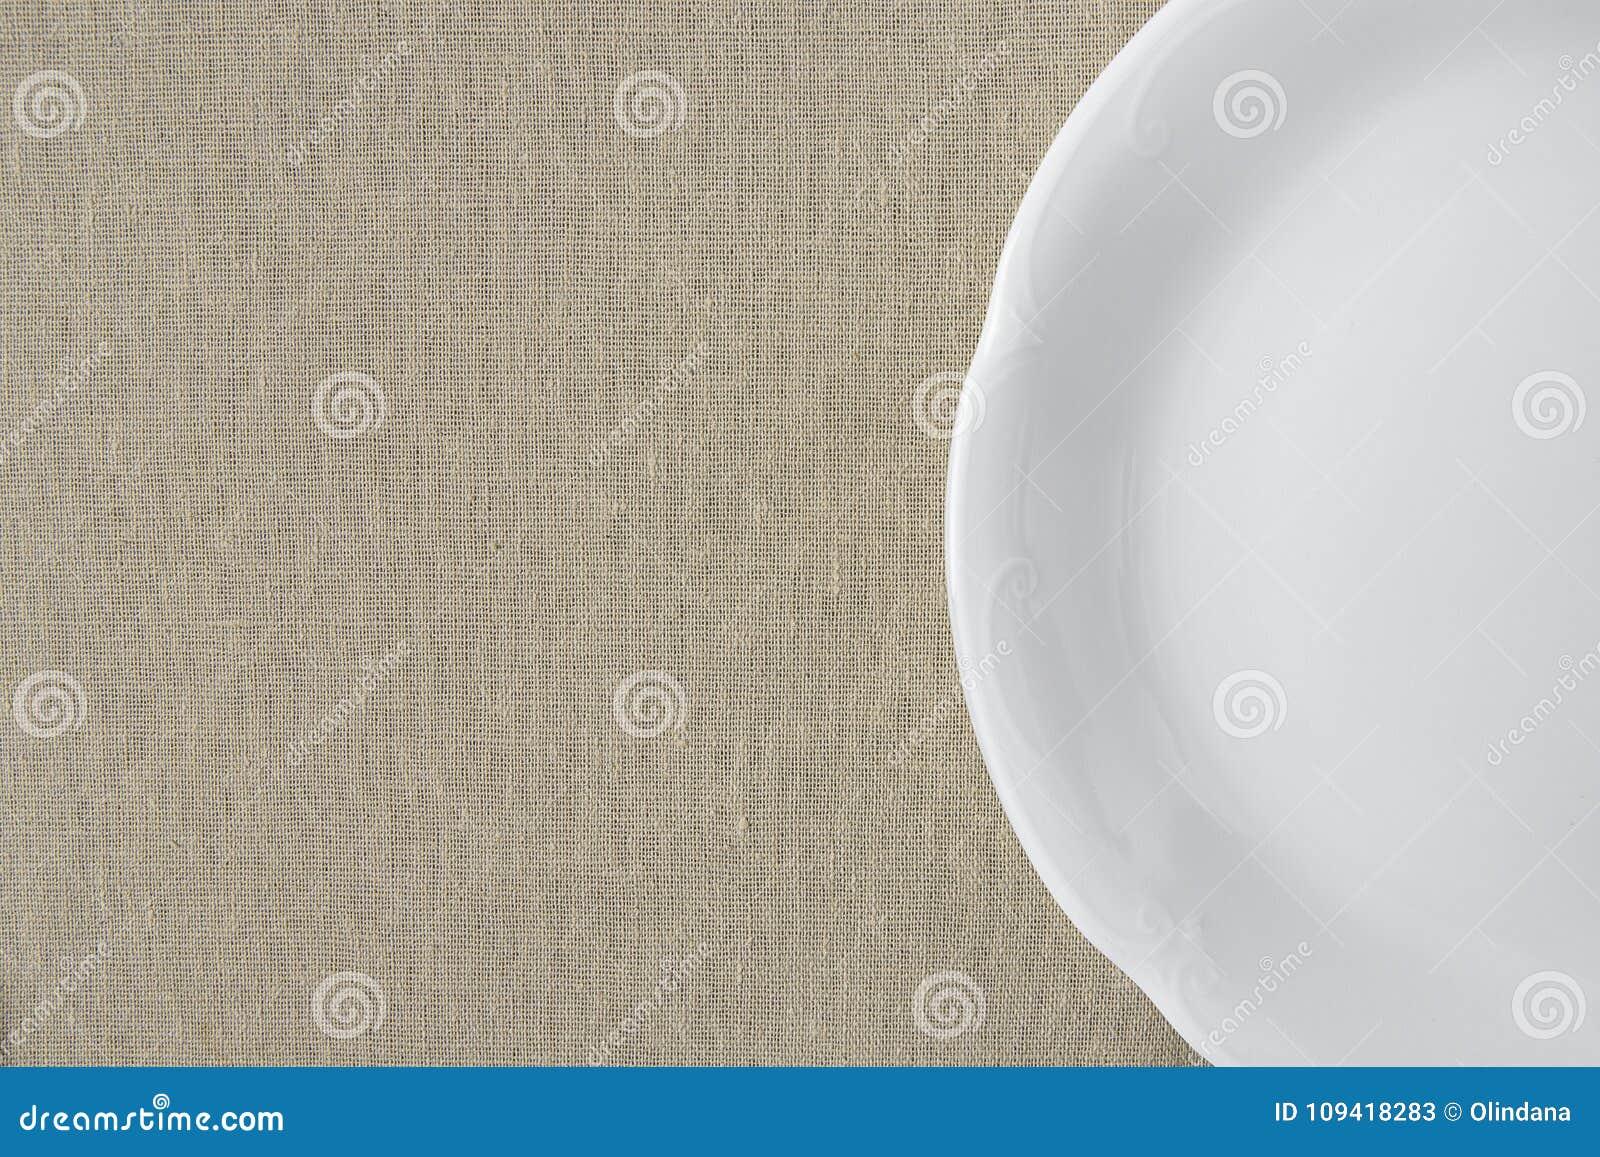 Semicerchio Vuoto Dannata Bianco Del Piatto Sul Fondo Di Tela Beige